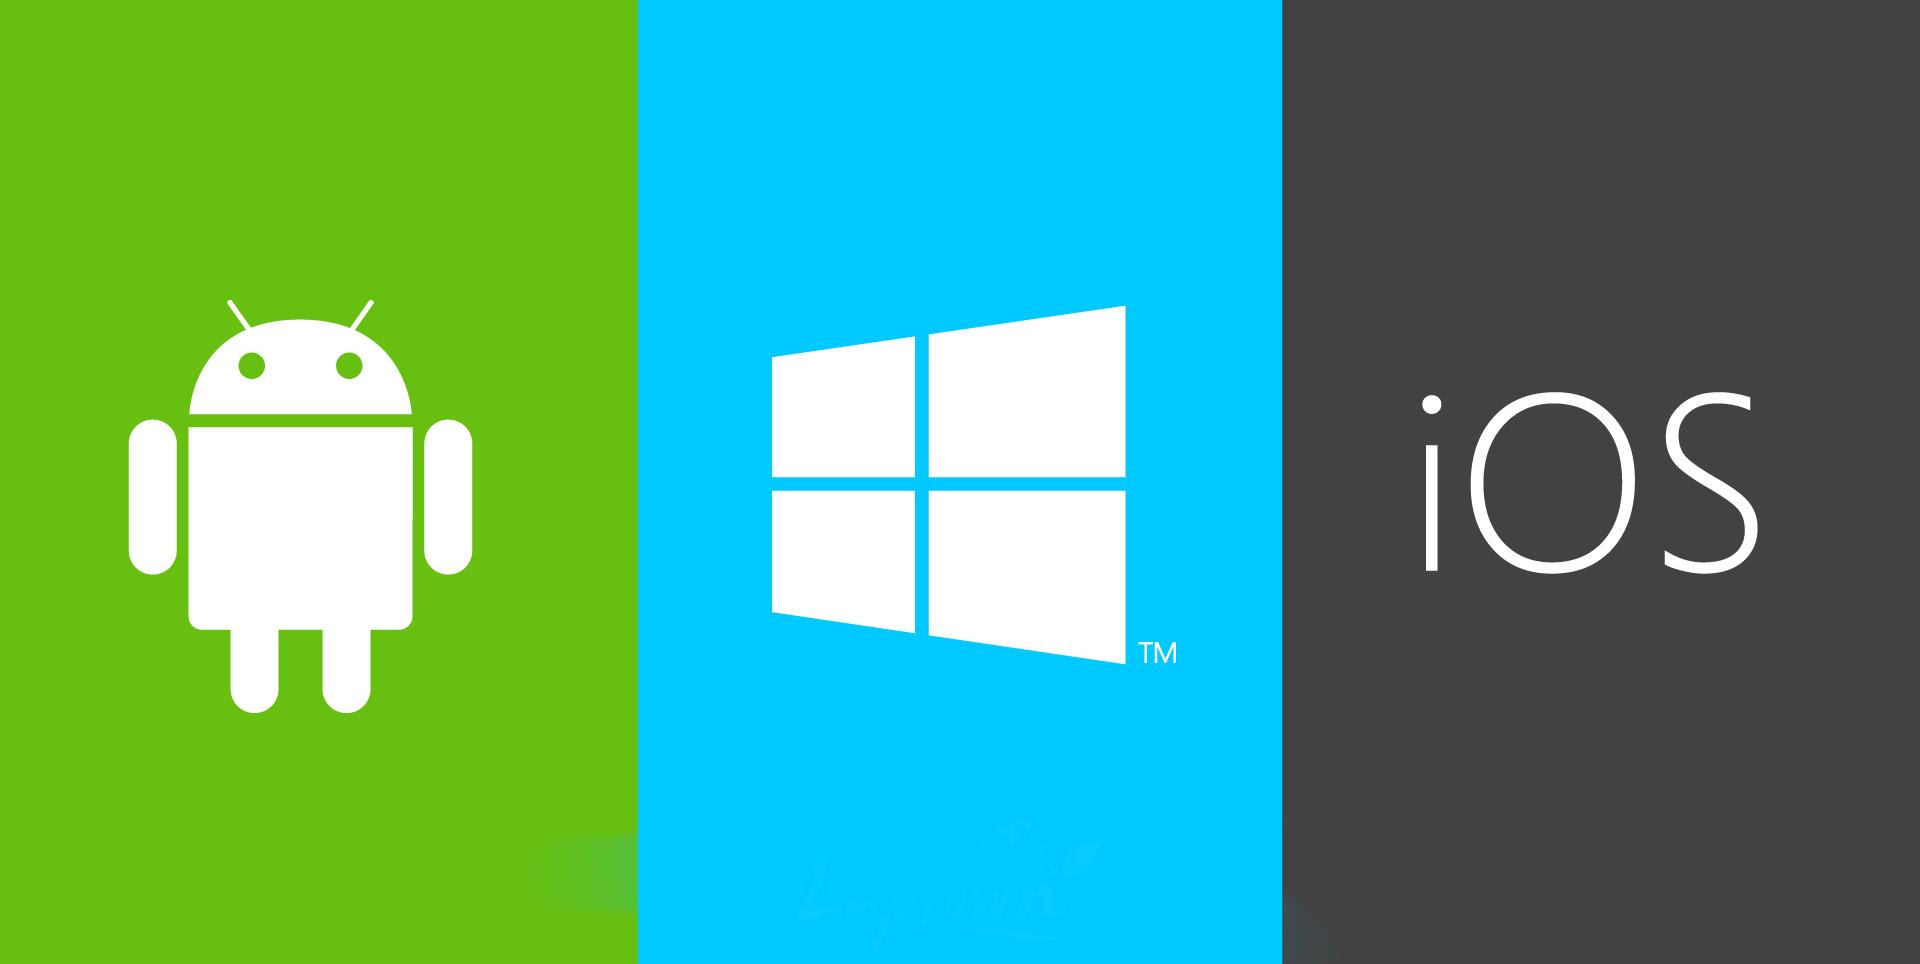 Madnight Software promete converter qualquer App do Android e iOS para Windows 10, mas isso será viável?